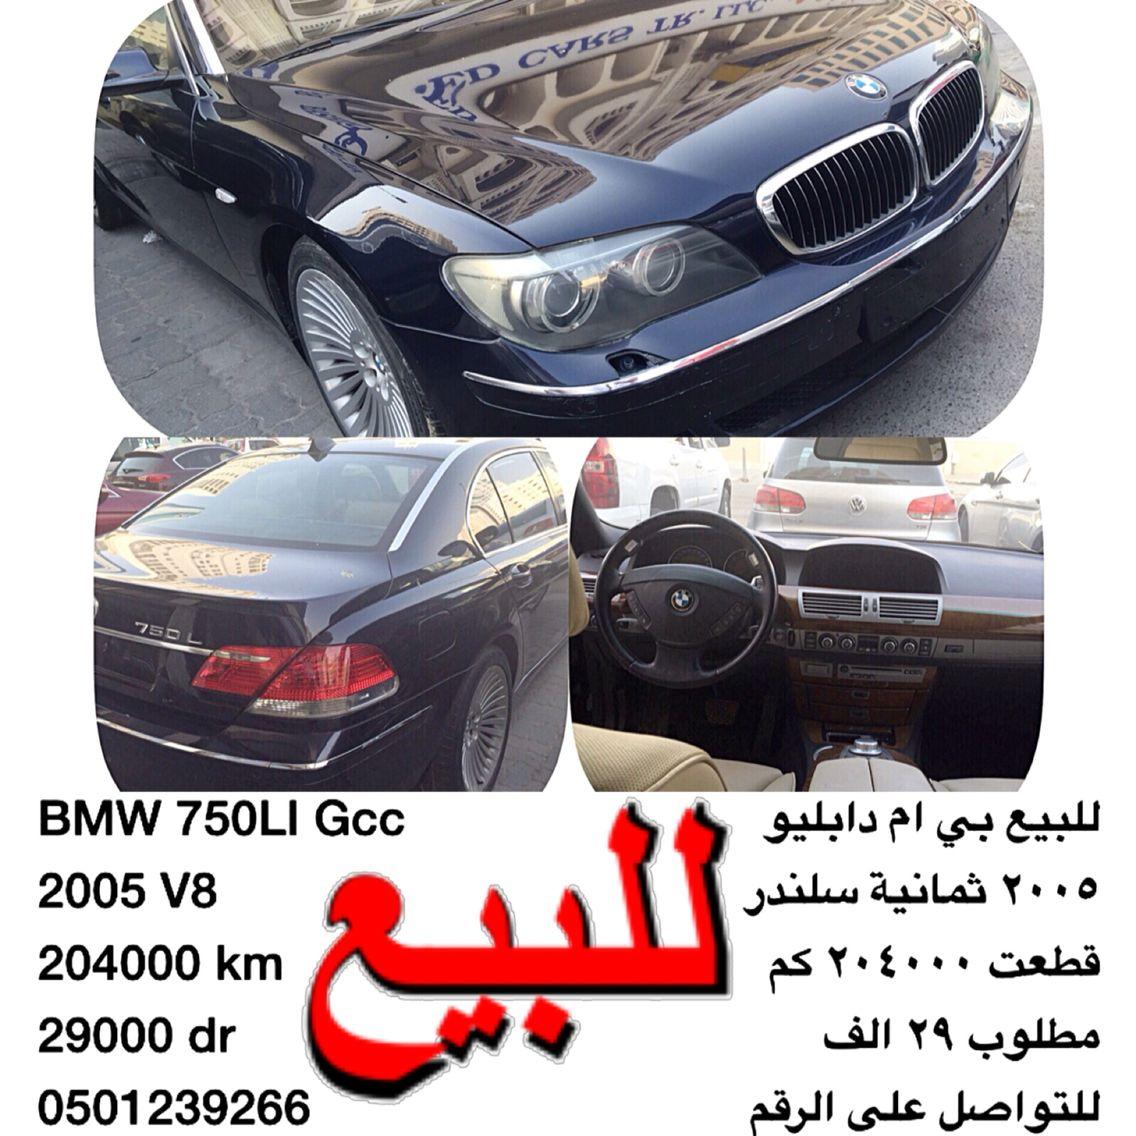 Bmw 750li Gcc 2005 V8 204000 Km 29000 Dr 0501239266 للبيع بي ام دابليو ٢٠٠٥ ثمانية سلندر قطعت ٢٠٤٠٠٠ كم مطلوب ٢٩ الف للتواصل على الرقم Sports Car Bmw Vehicles